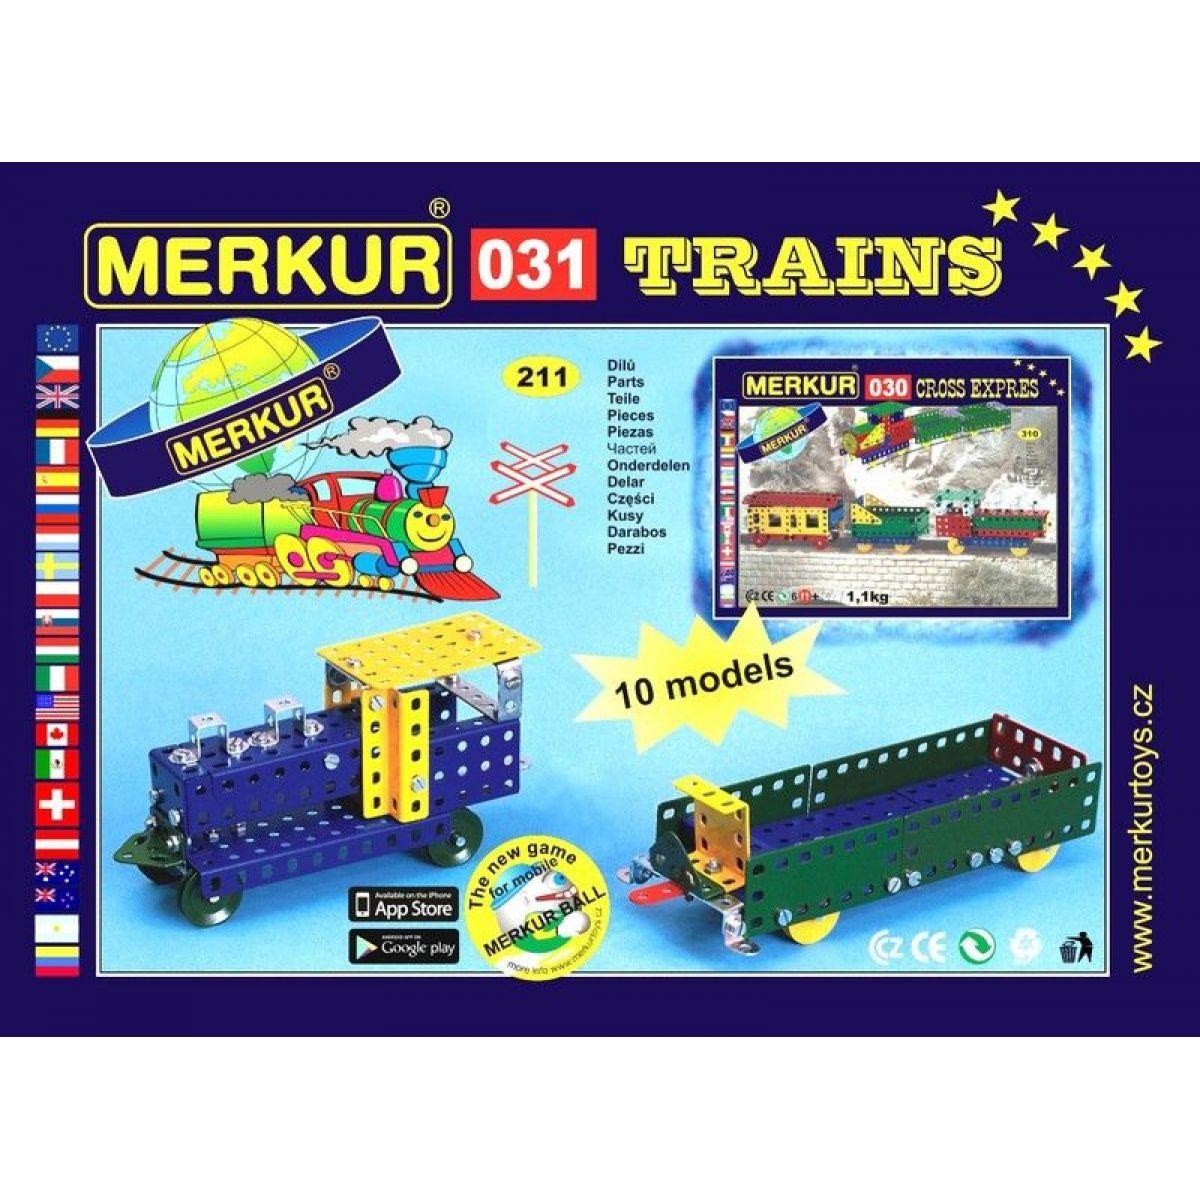 Merkur 031 Železniční modely